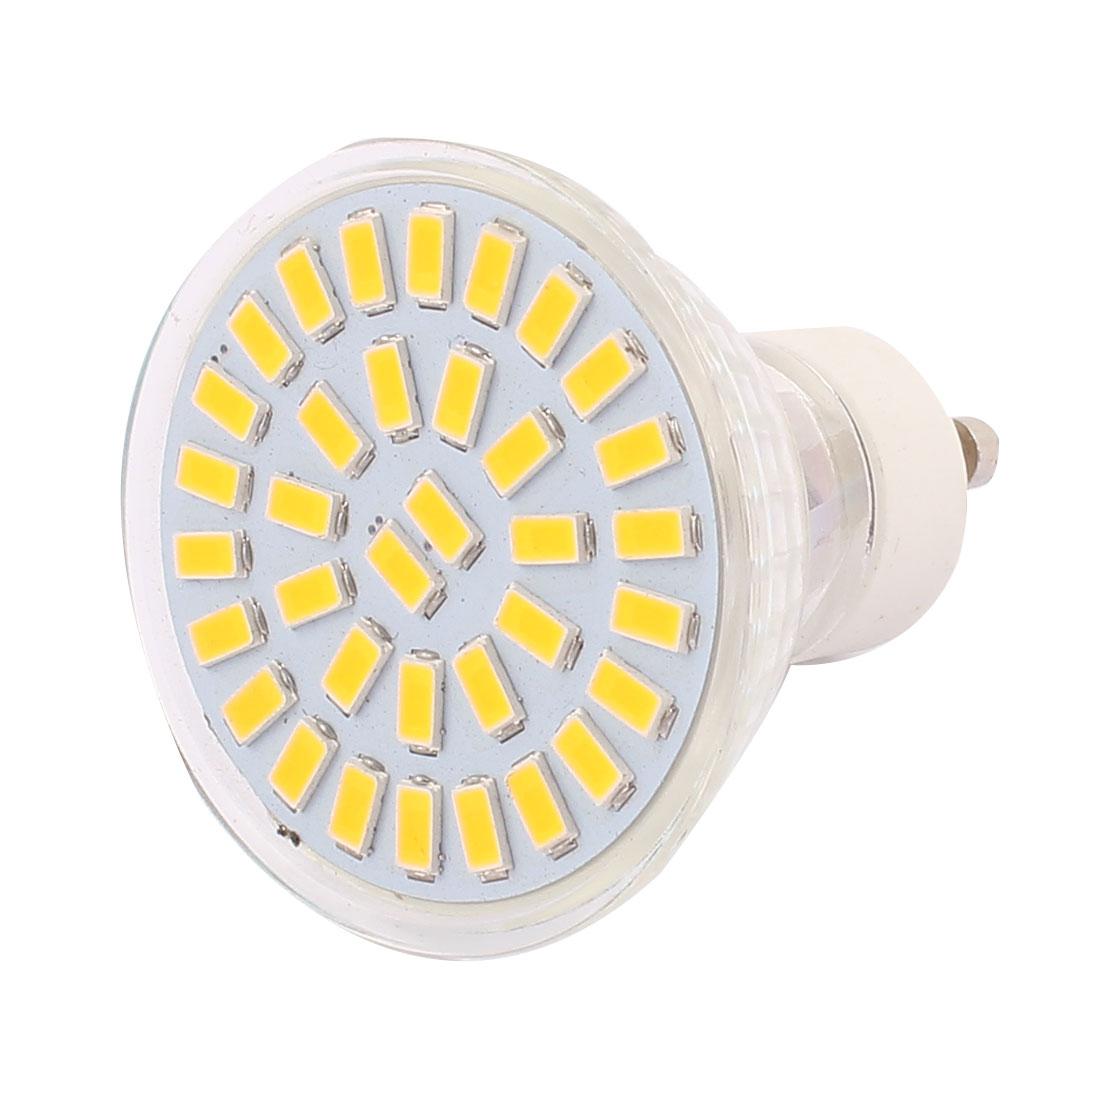 220V-240V GU10 LED Light 5W 5730 SMD 35 LEDs Spotlight Down Lamp Bulb Warm White